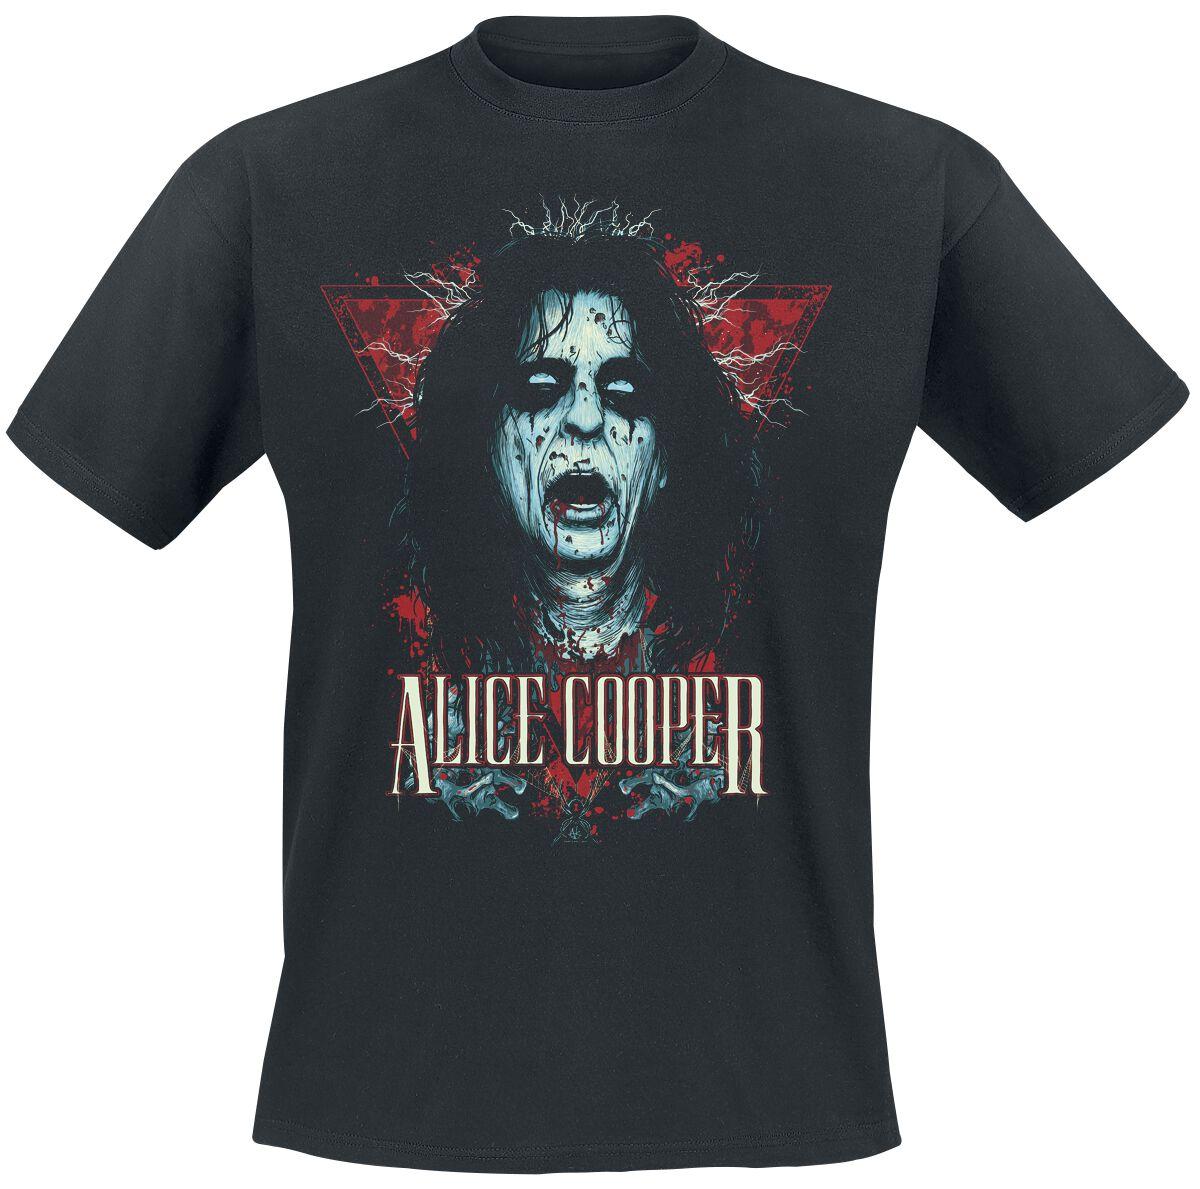 Image of Alice Cooper Decap T-Shirt schwarz